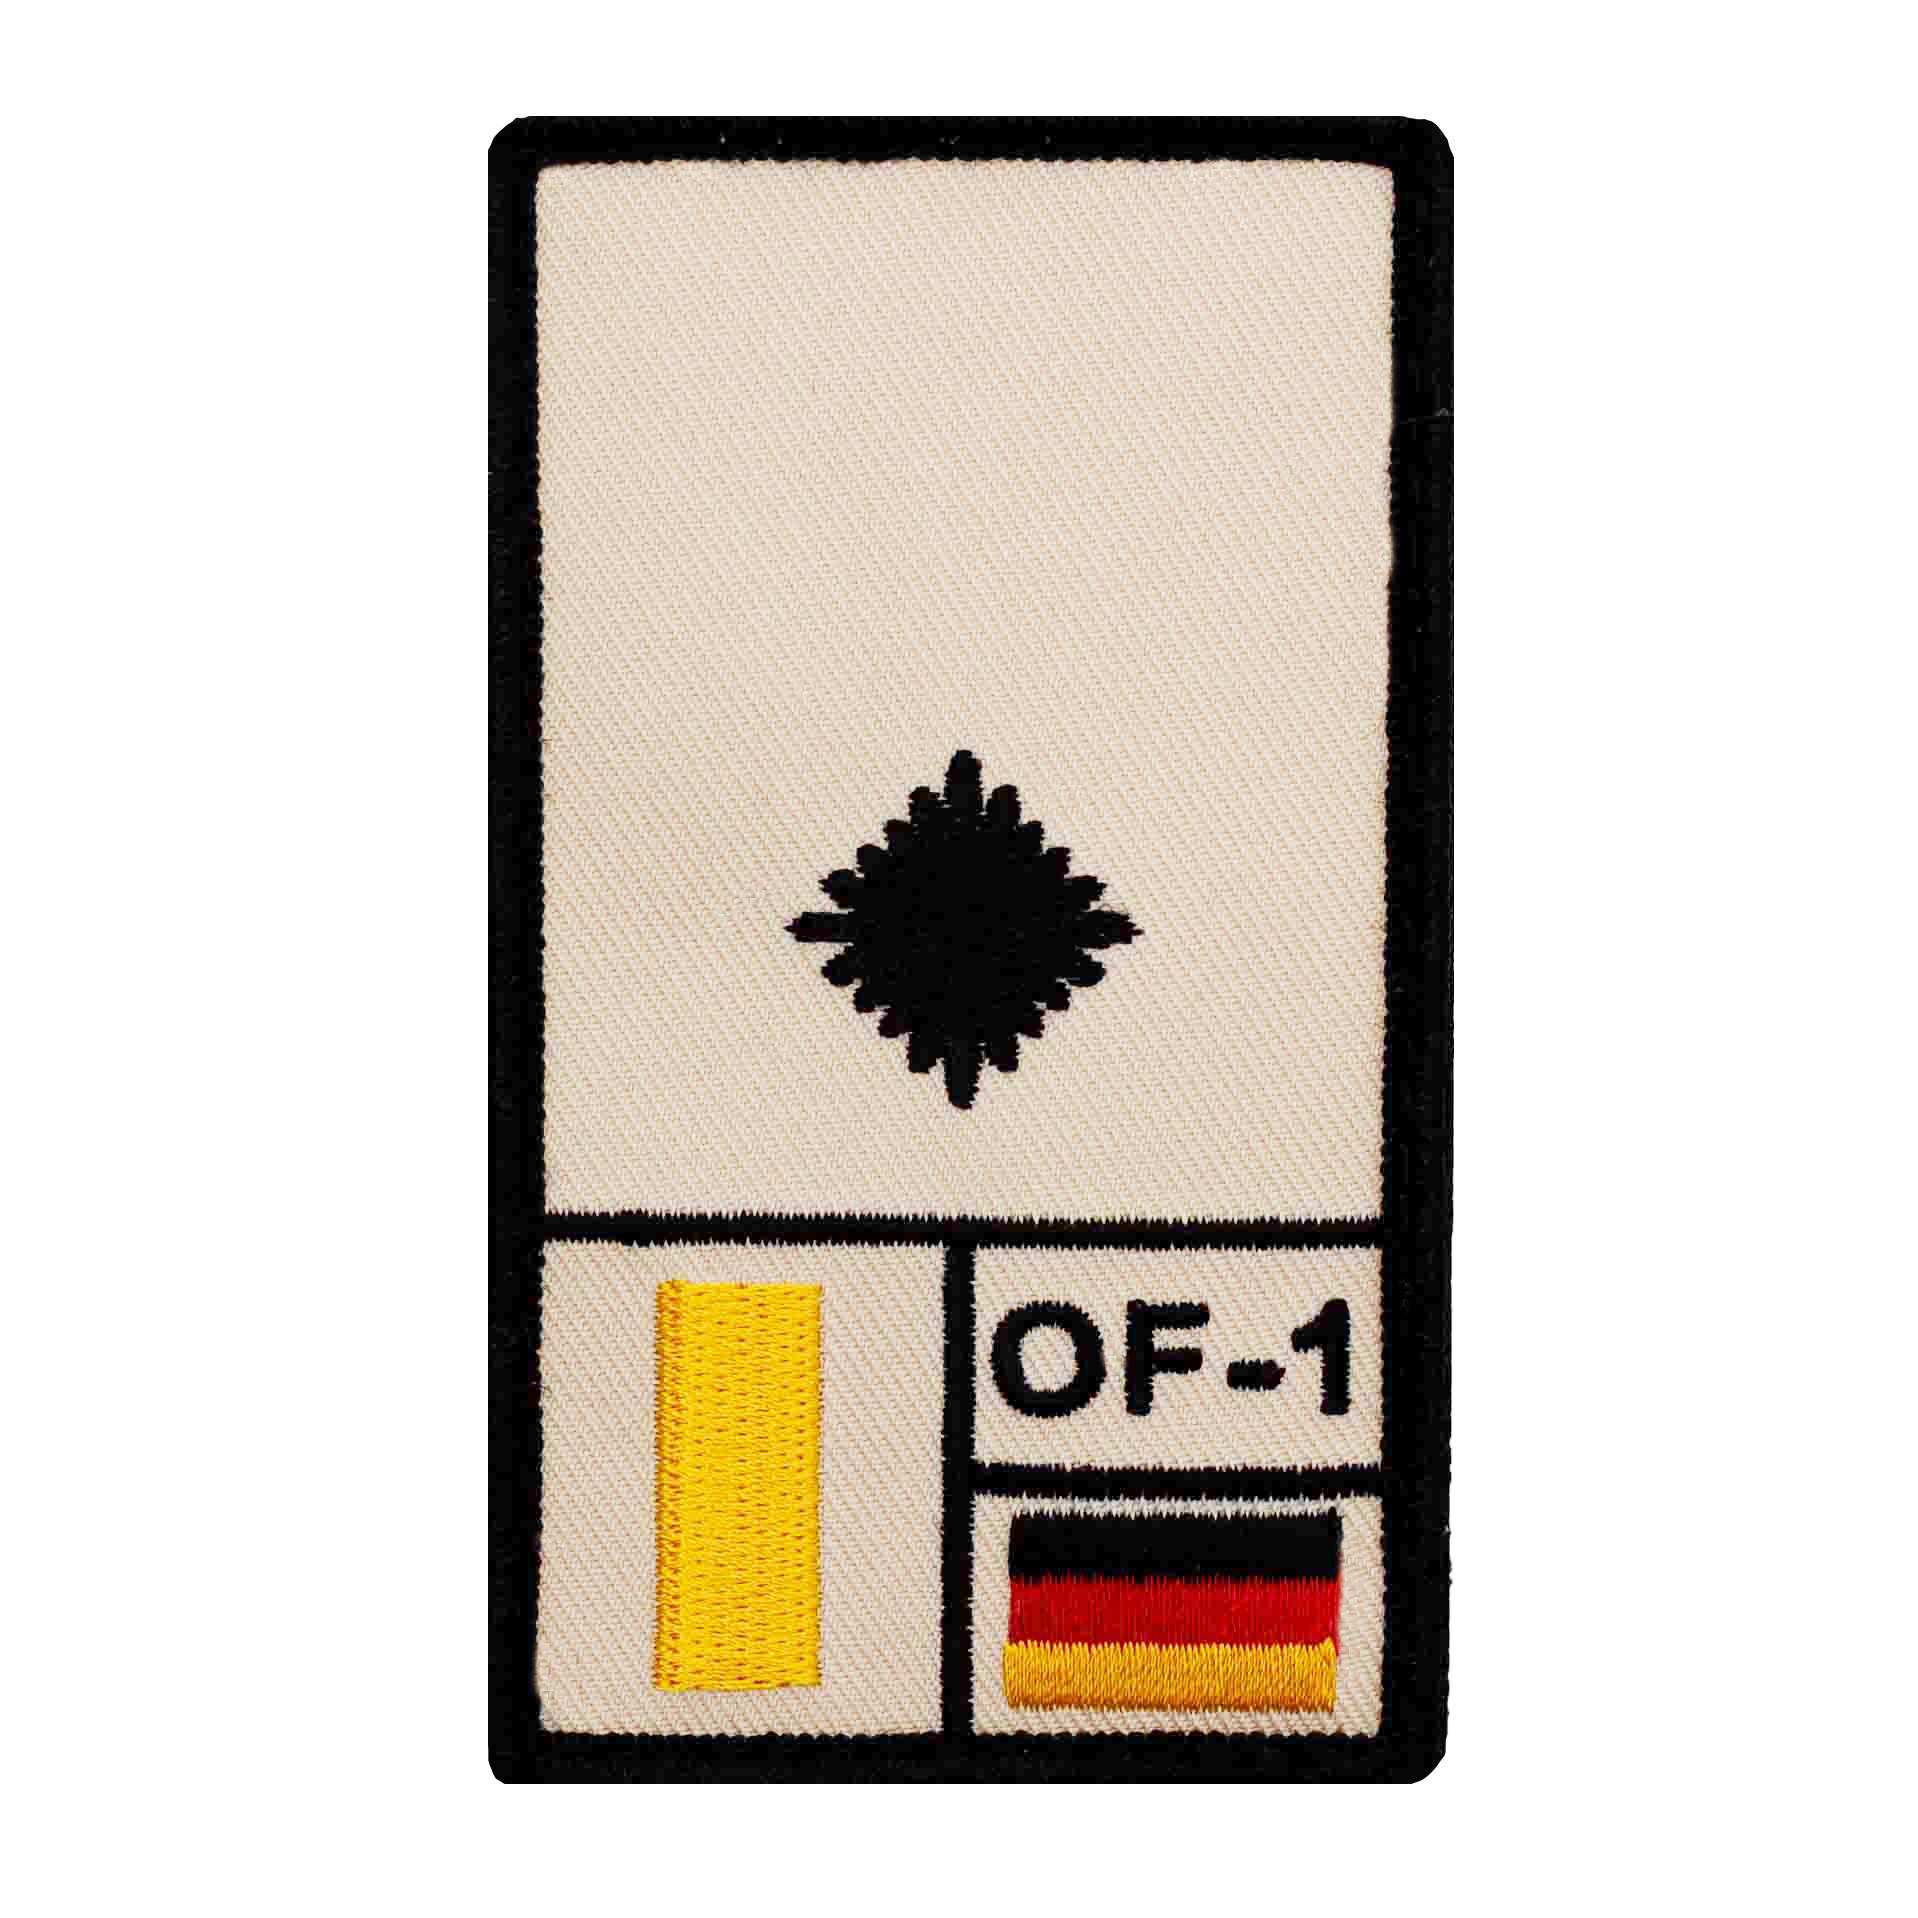 Café Viereck Rank Patch Stabsunteroffizier sand Rangabzeichen mit Klett